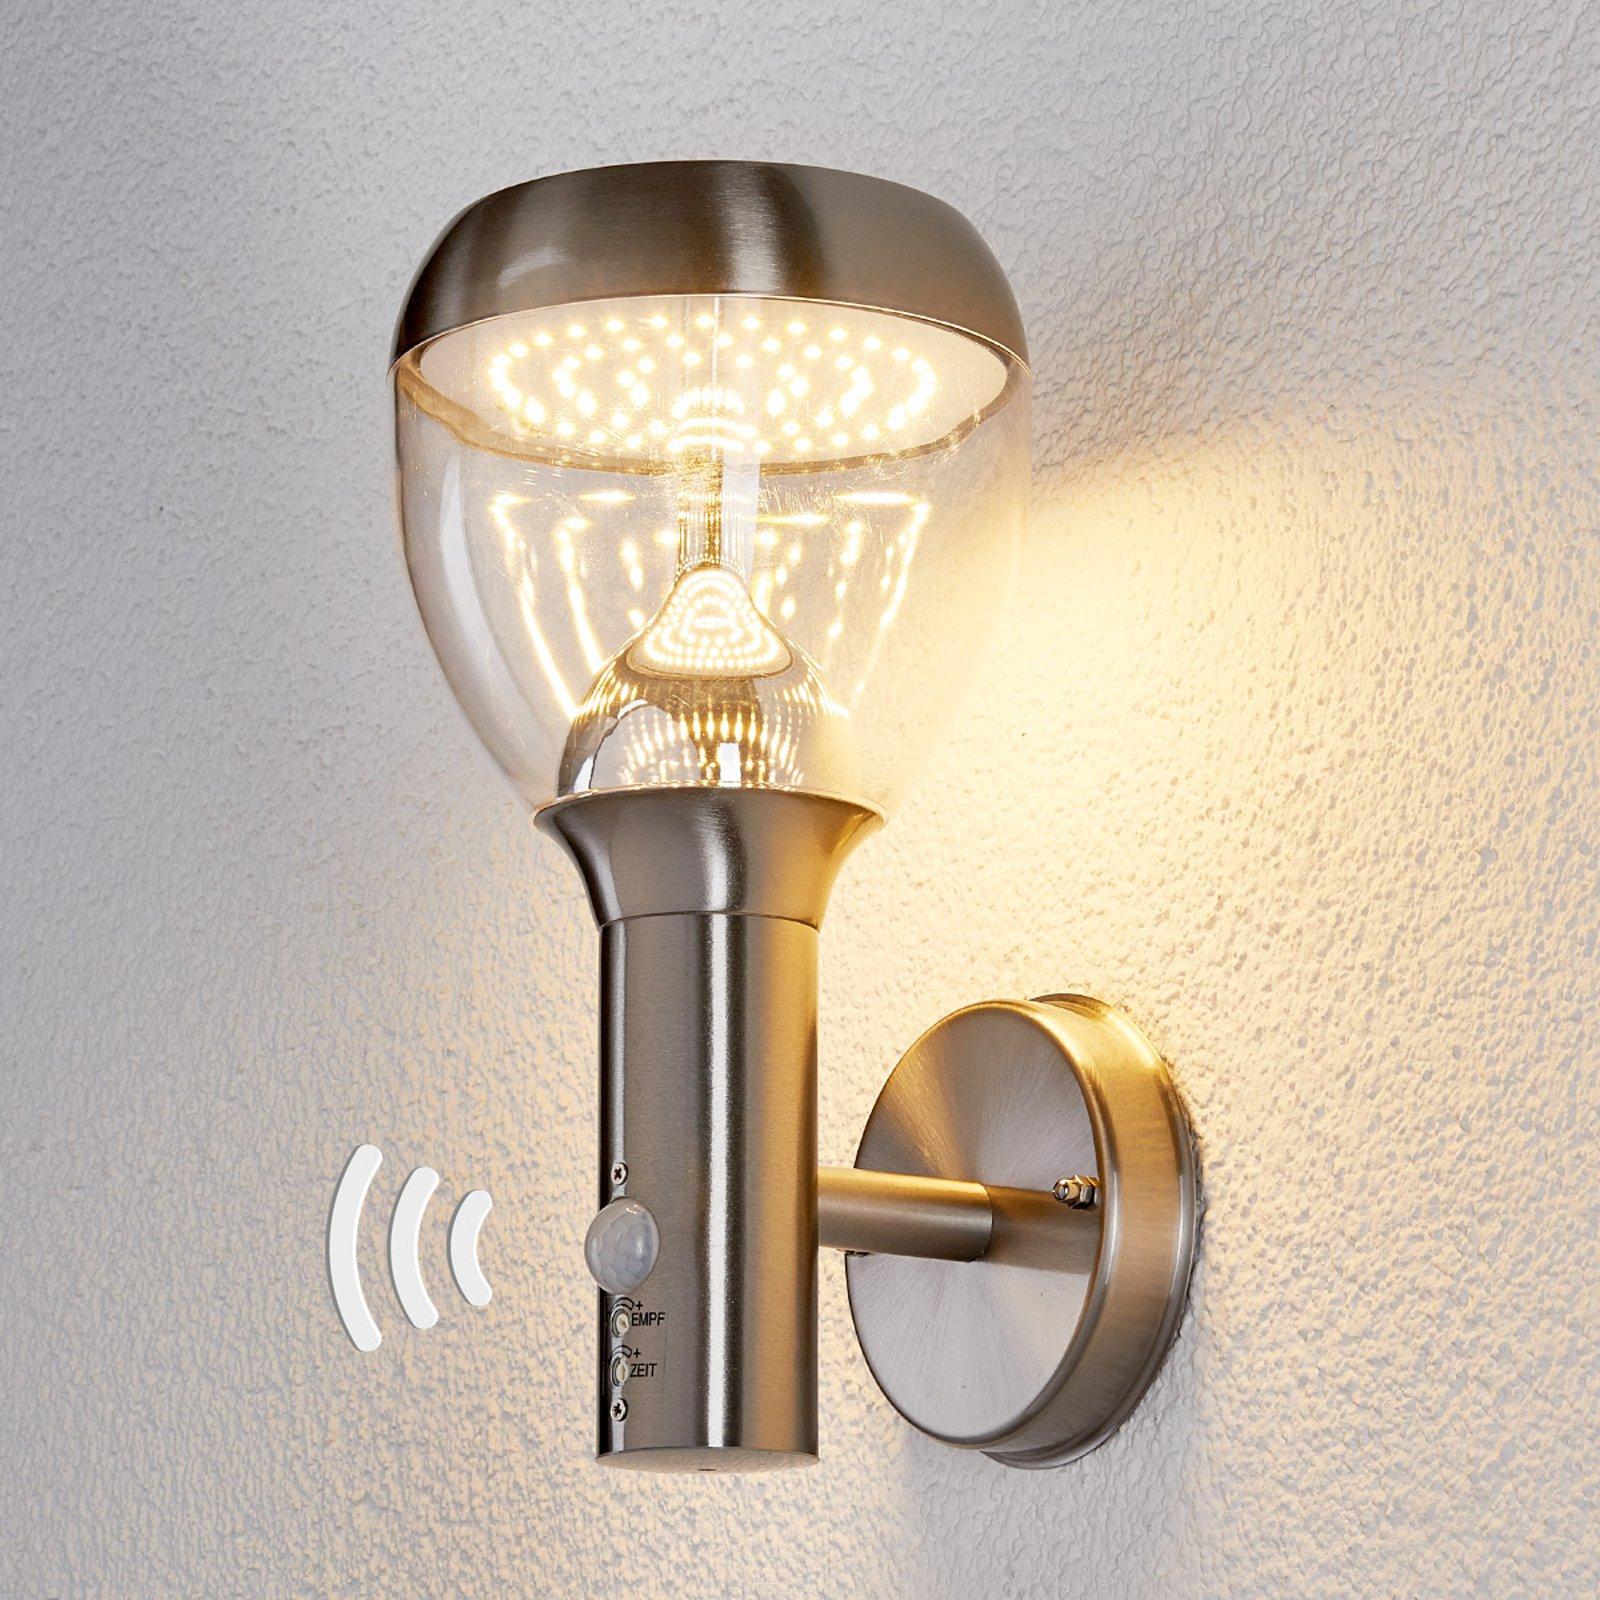 Sensor utevegglys Etta i rustfritt stål, LED